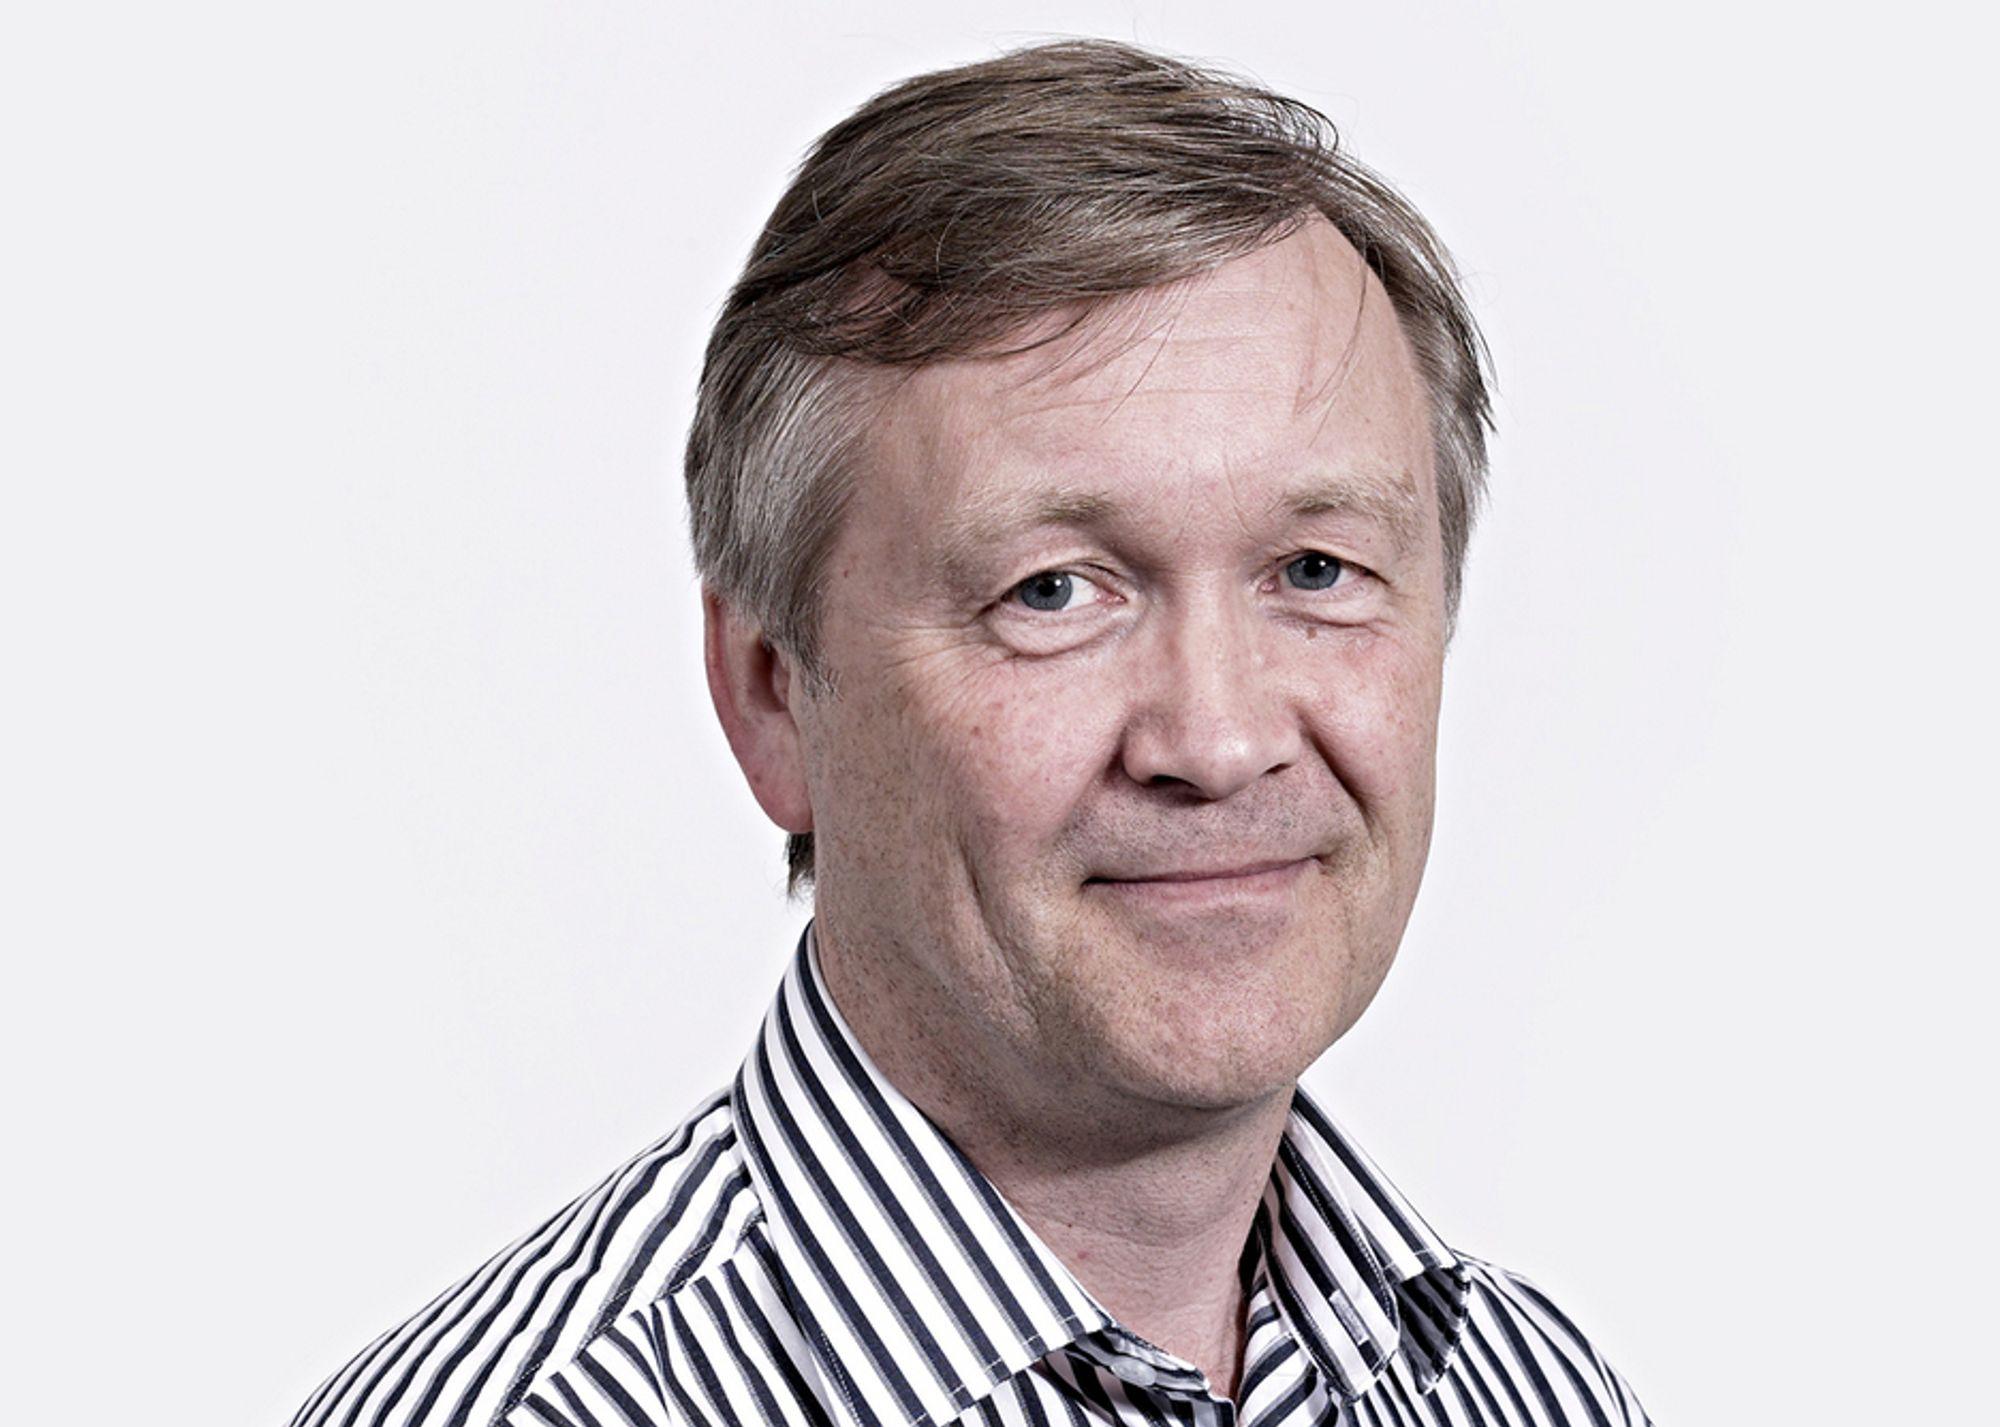 VIL ØSTOVER: Konsernsjef Jan Hestås i Kruse Smith vil ikke lenger være regional entreprenør på Sørlandet. Nå kommer han til Østlandet der han venter mest vekst.